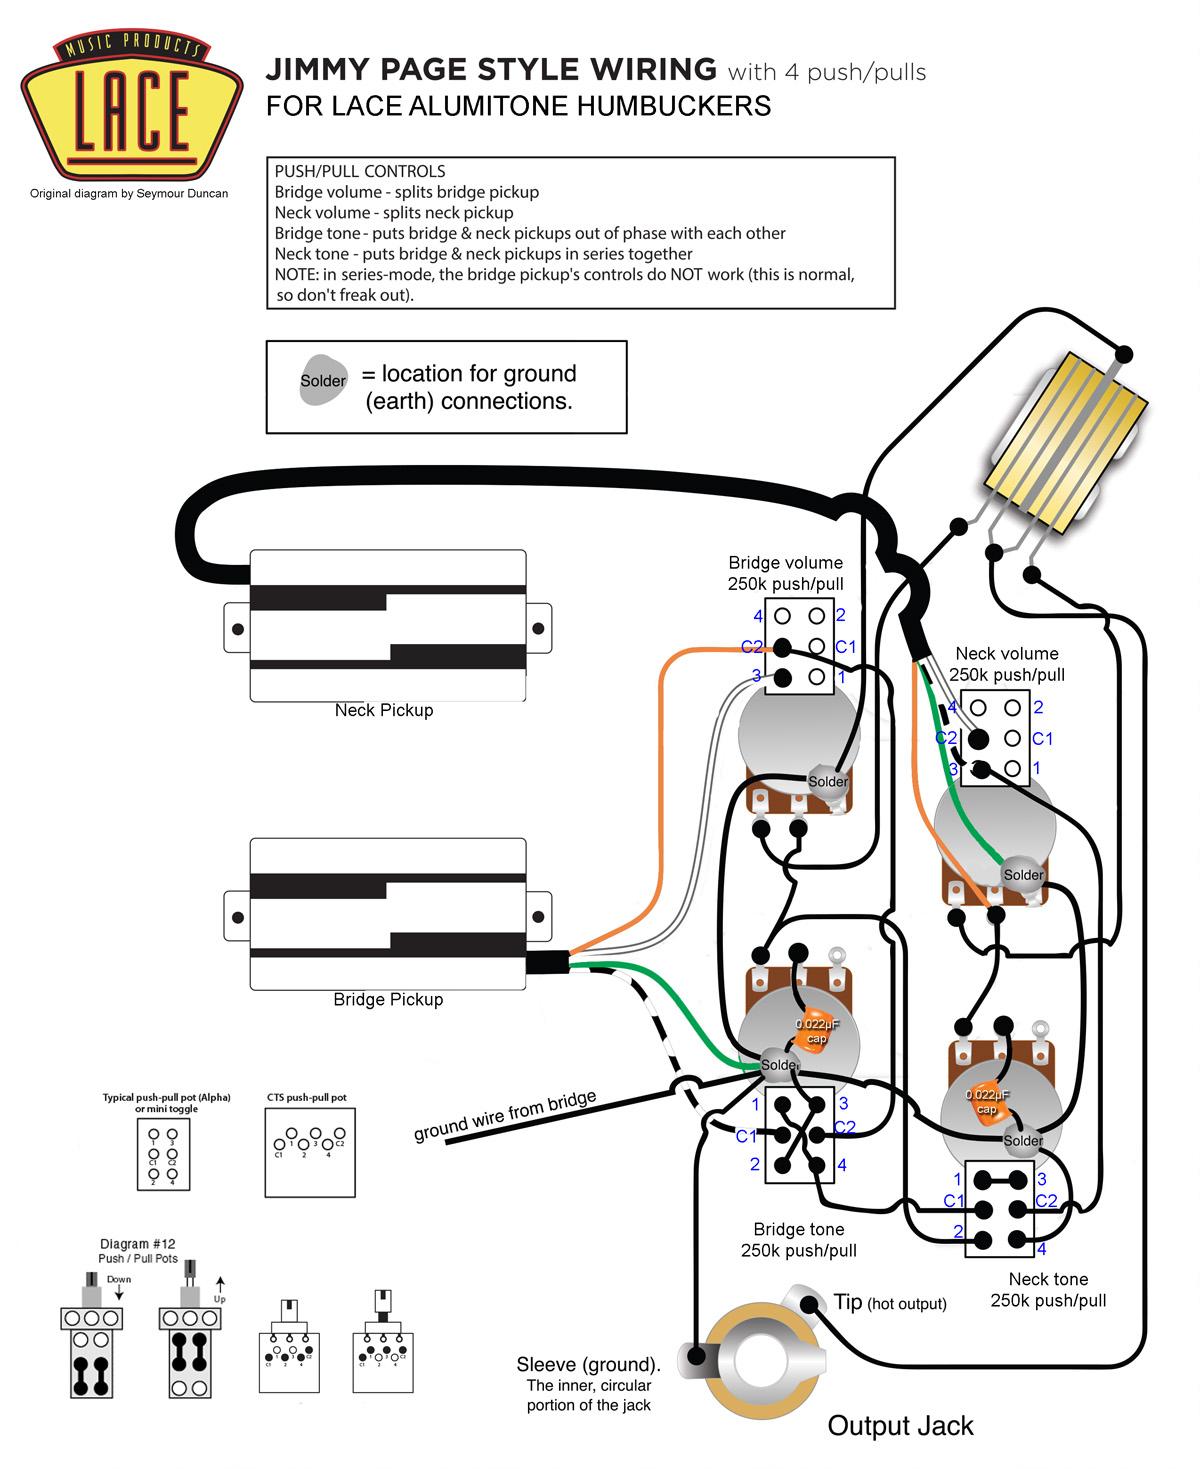 Jeff Beck Strat Wiring Diagram - Wiring Diagram G9 David Gilmour Seymour Duncan Strat Wiring Diagram on